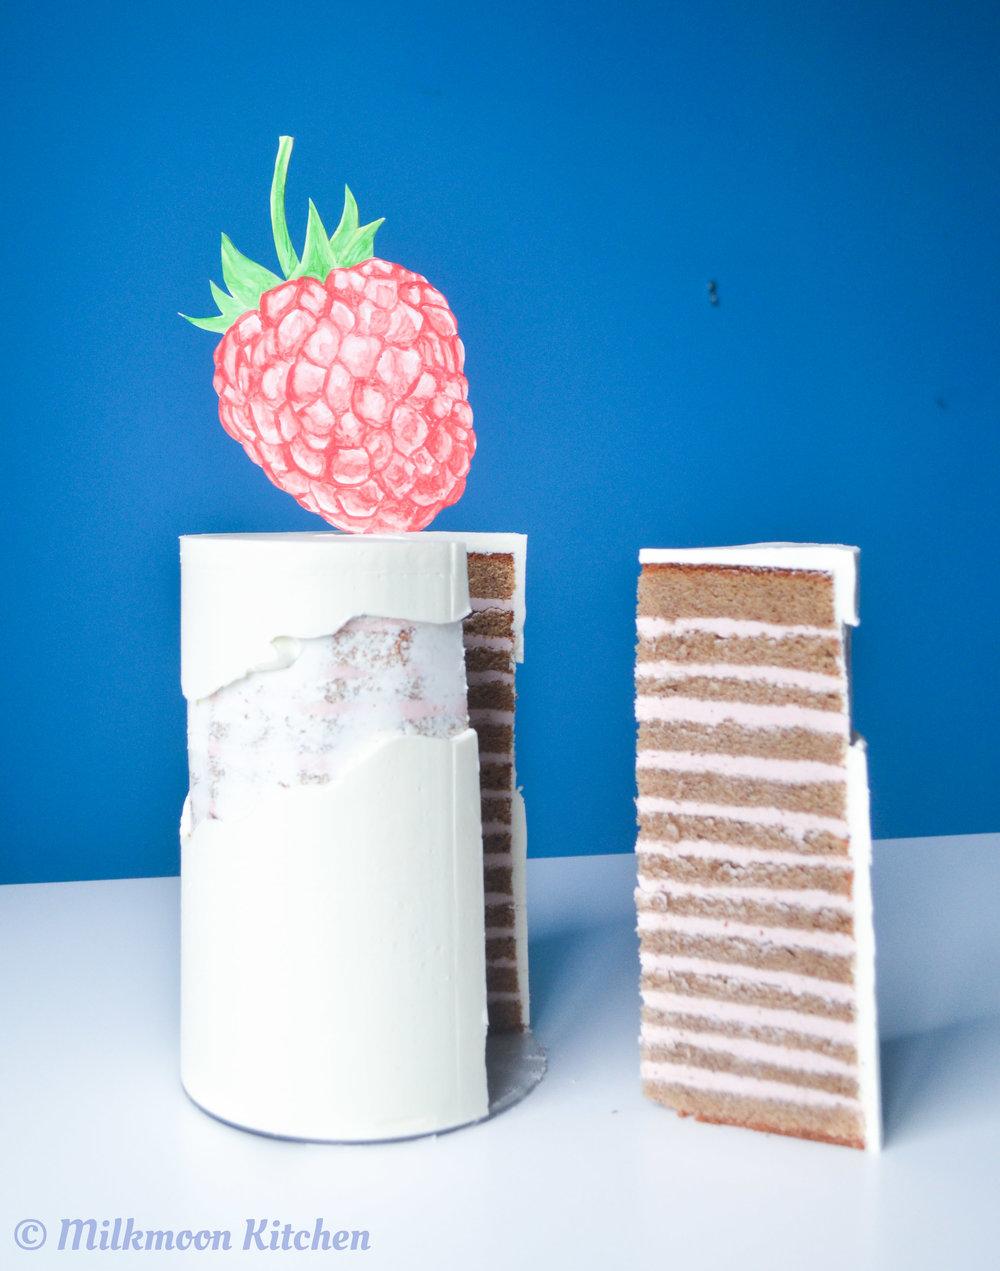 Raspberry Almond Cake by Milkmoon Kitchen